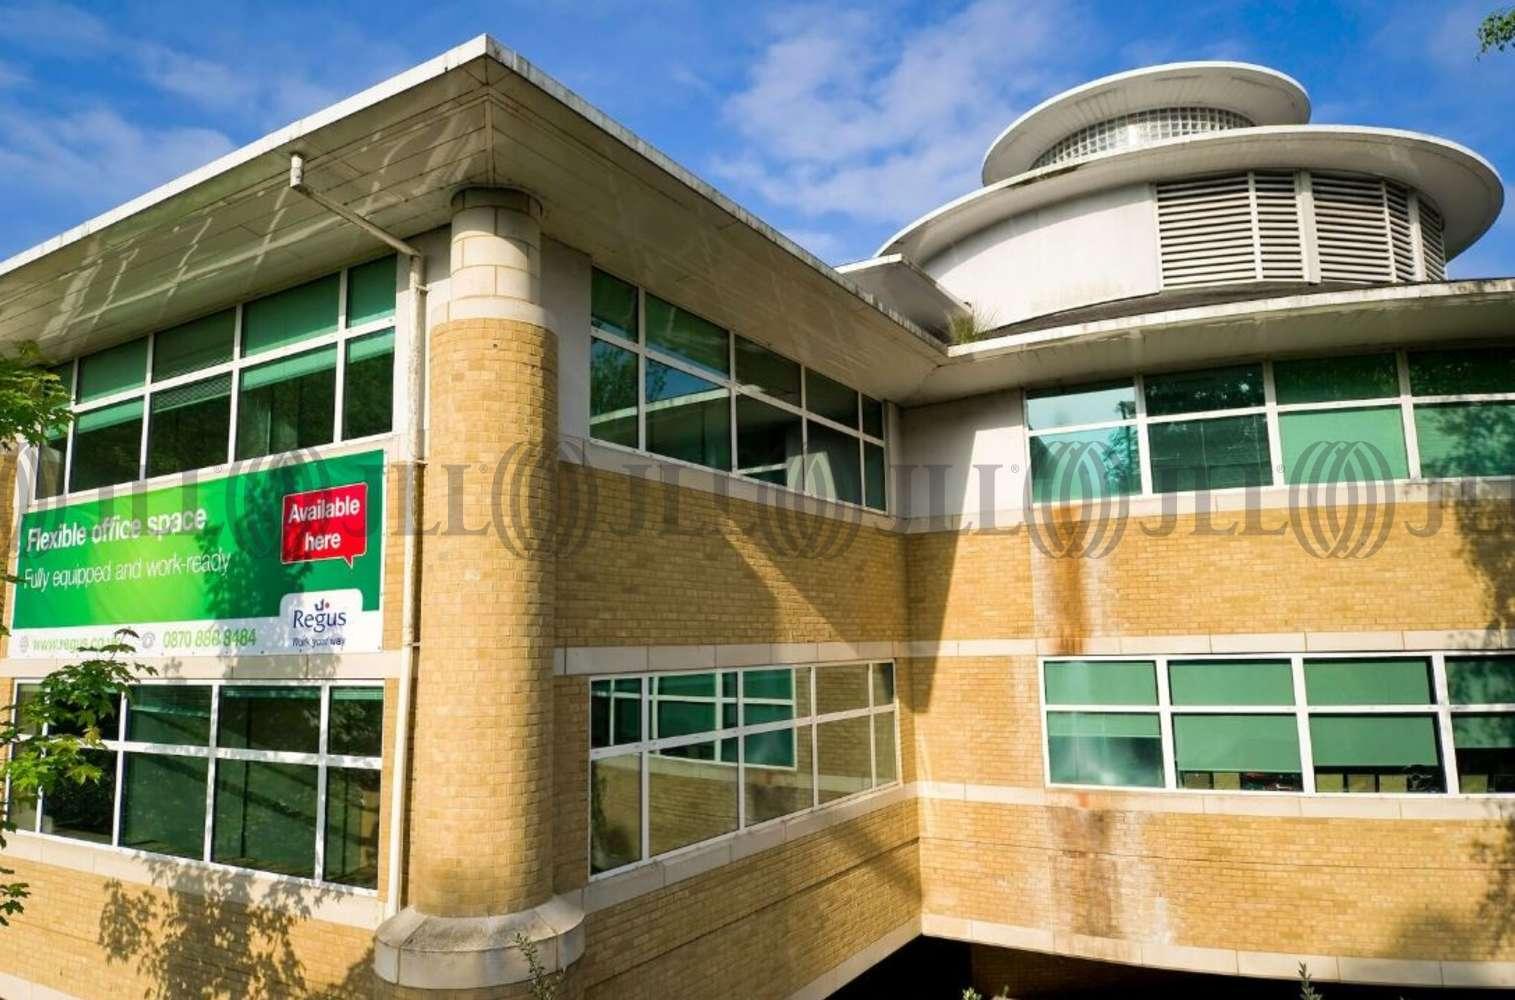 Serviced office Weybridge, KT13 0TT - Wellington Way